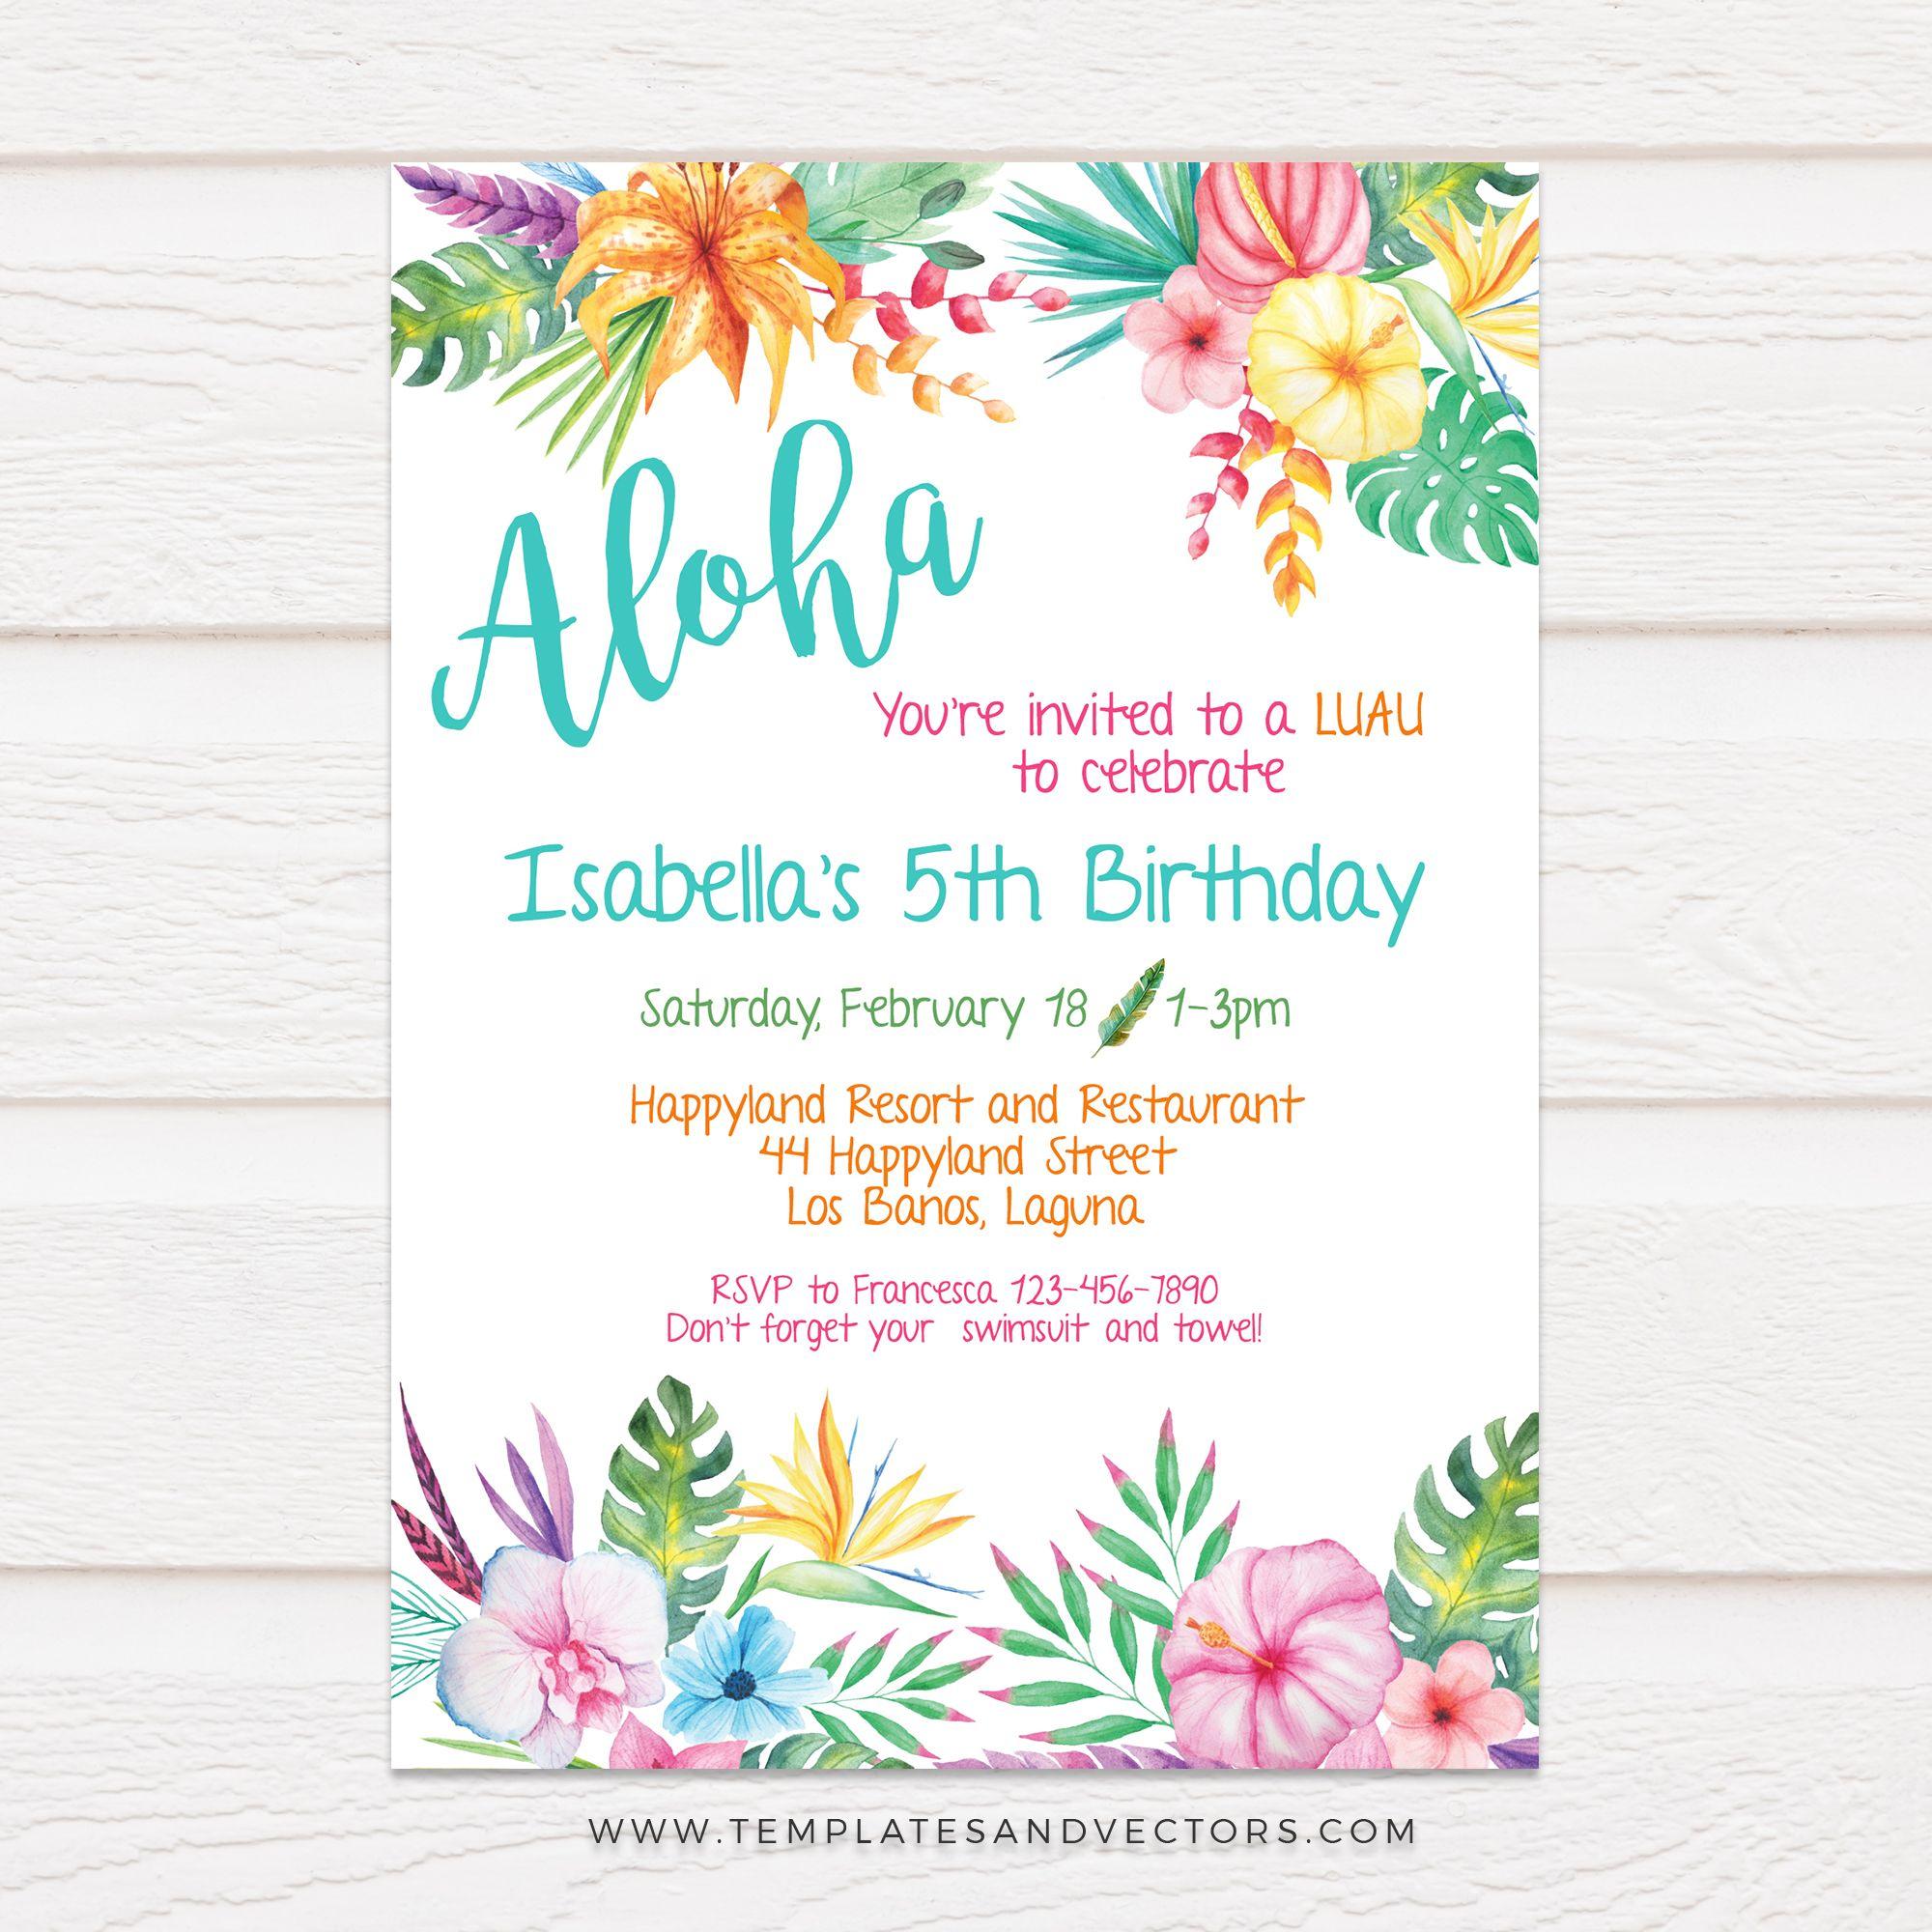 TVB5 Aloha Hawaiian Party Birthday Invitation DIY Printable